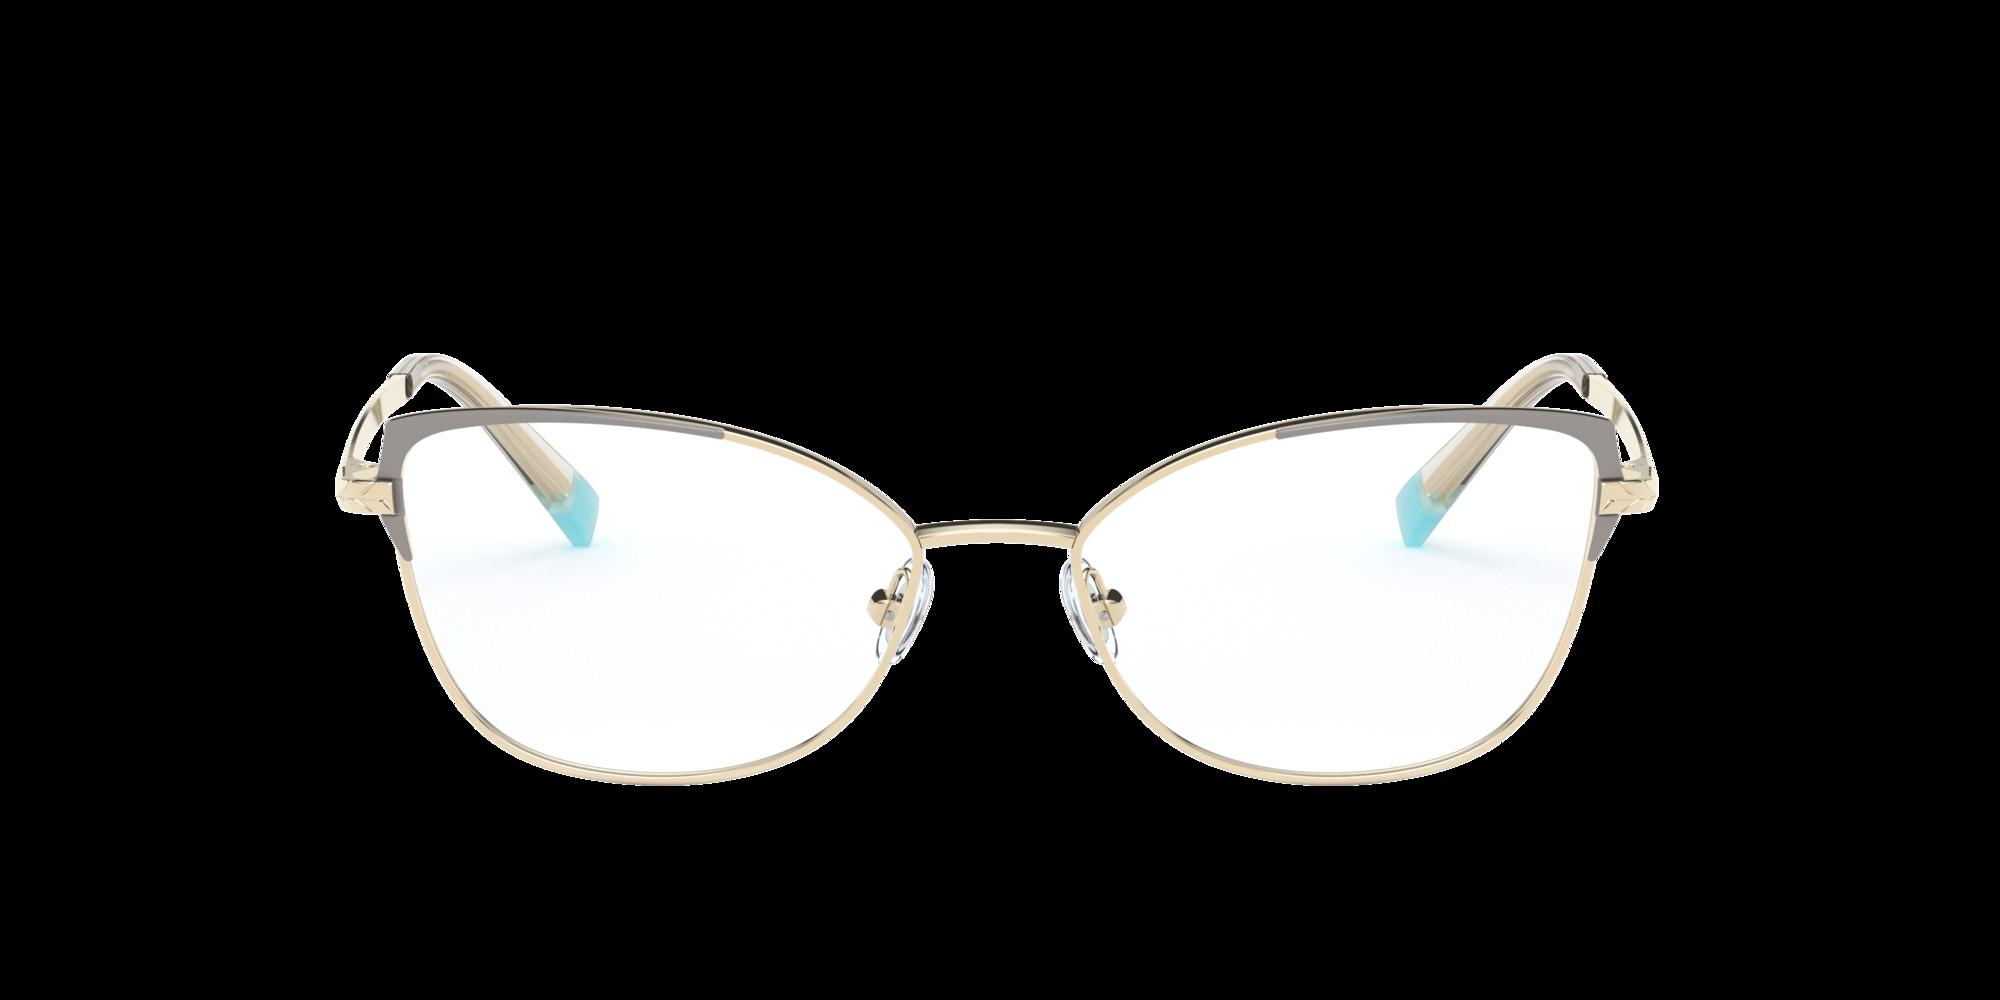 Imagen para TF1136 de LensCrafters    Espejuelos, espejuelos graduados en línea, gafas